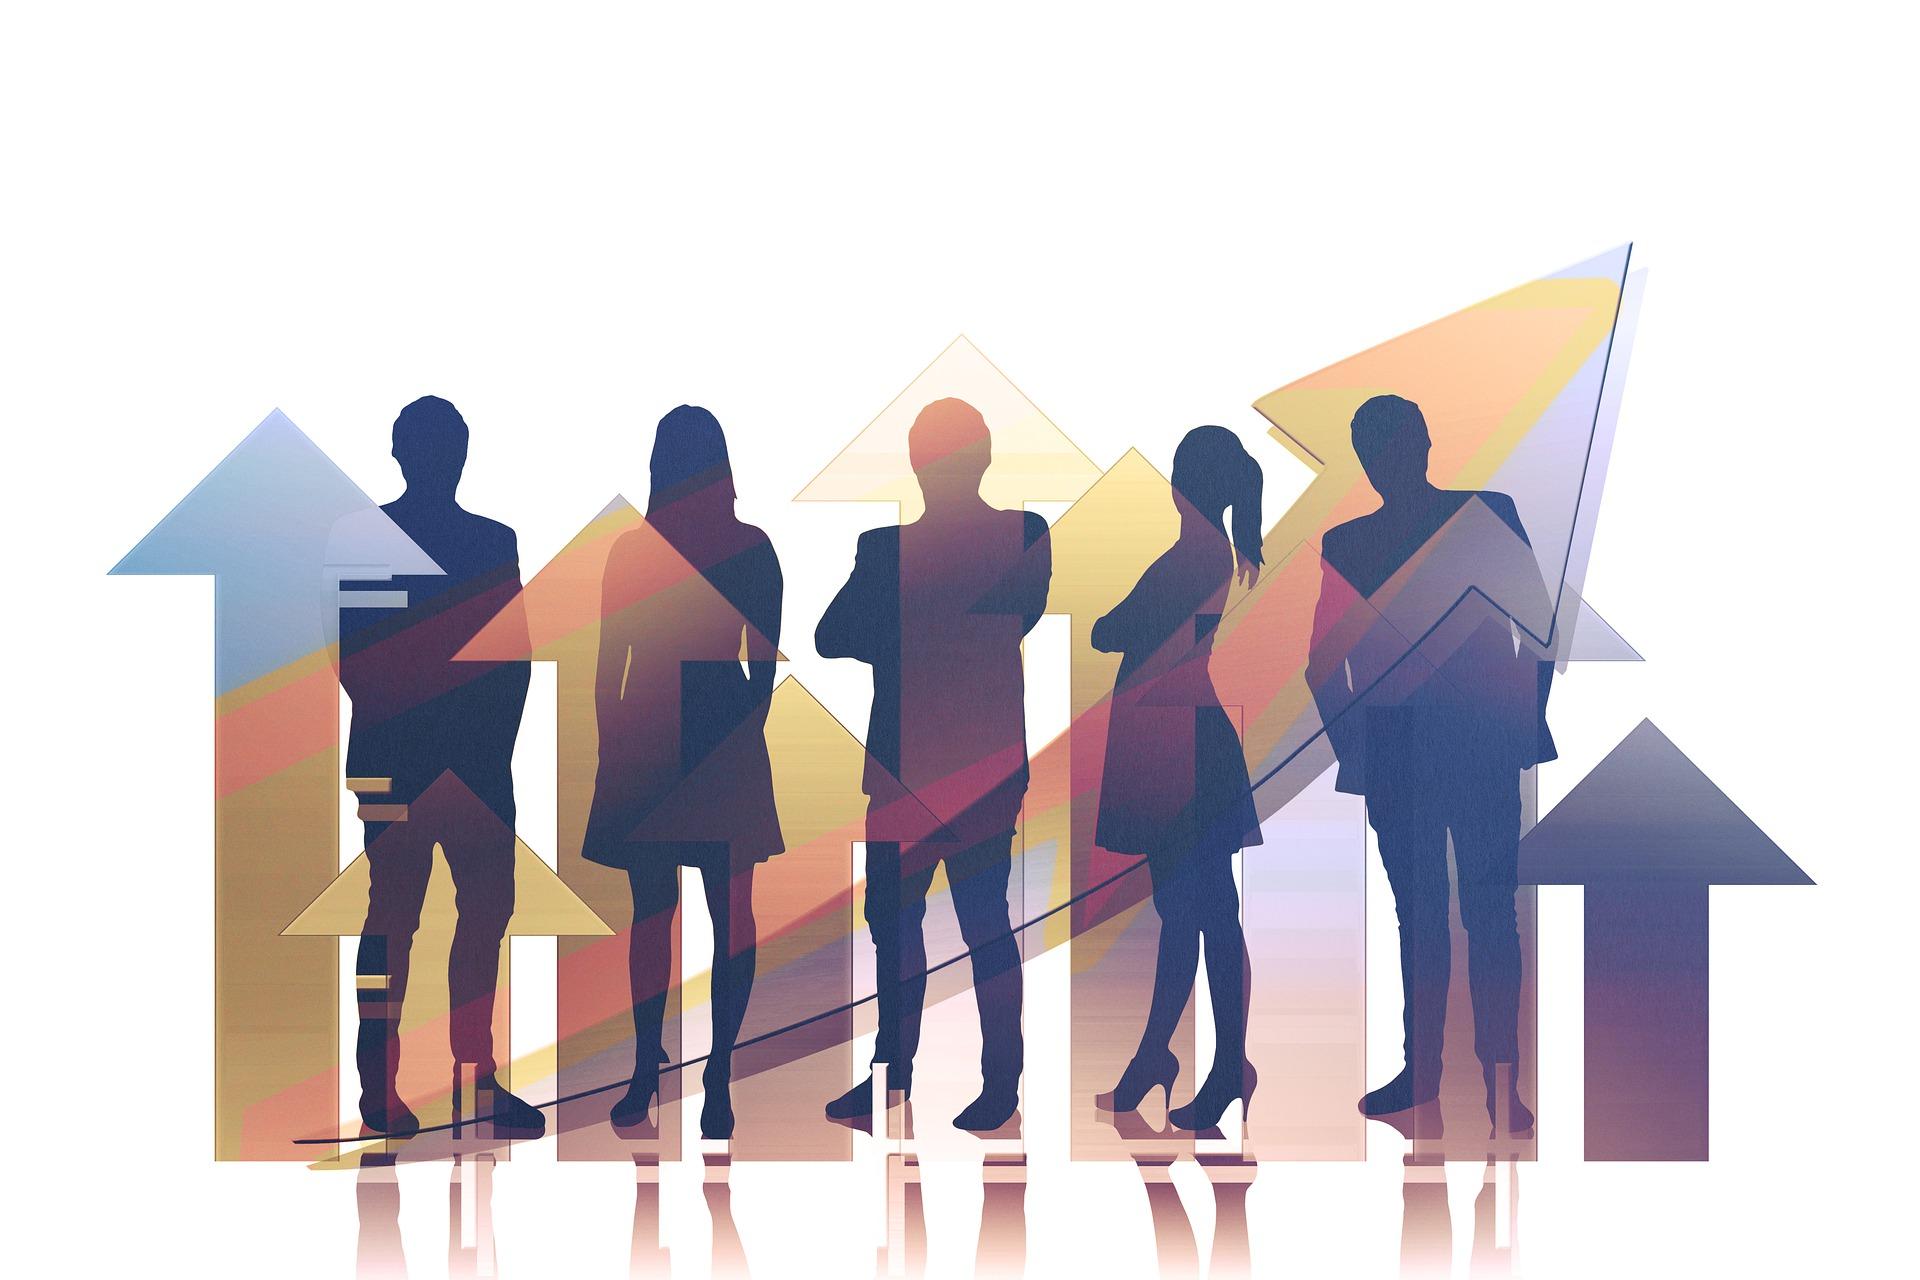 Le développement de son leadership en contexte de création numérique